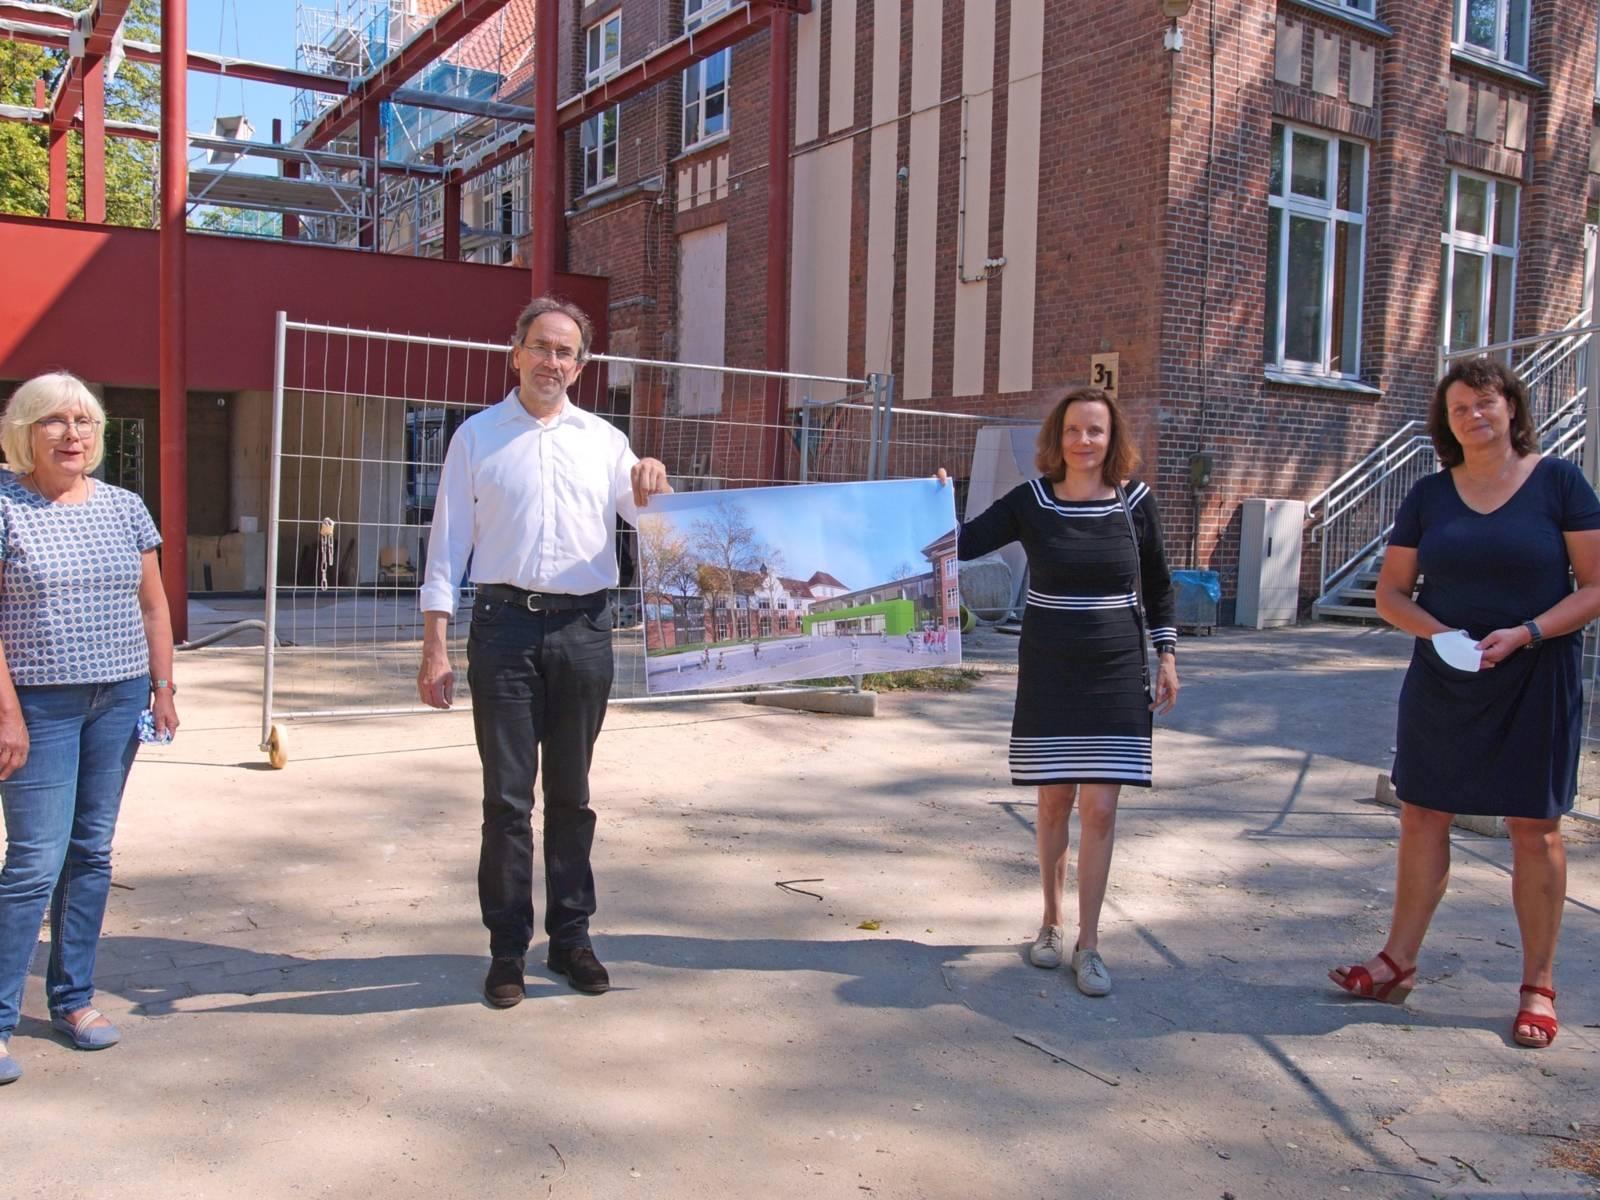 Vier Personen auf einem Hof. Sie halten ein Bild, das eine Schule zeigt.